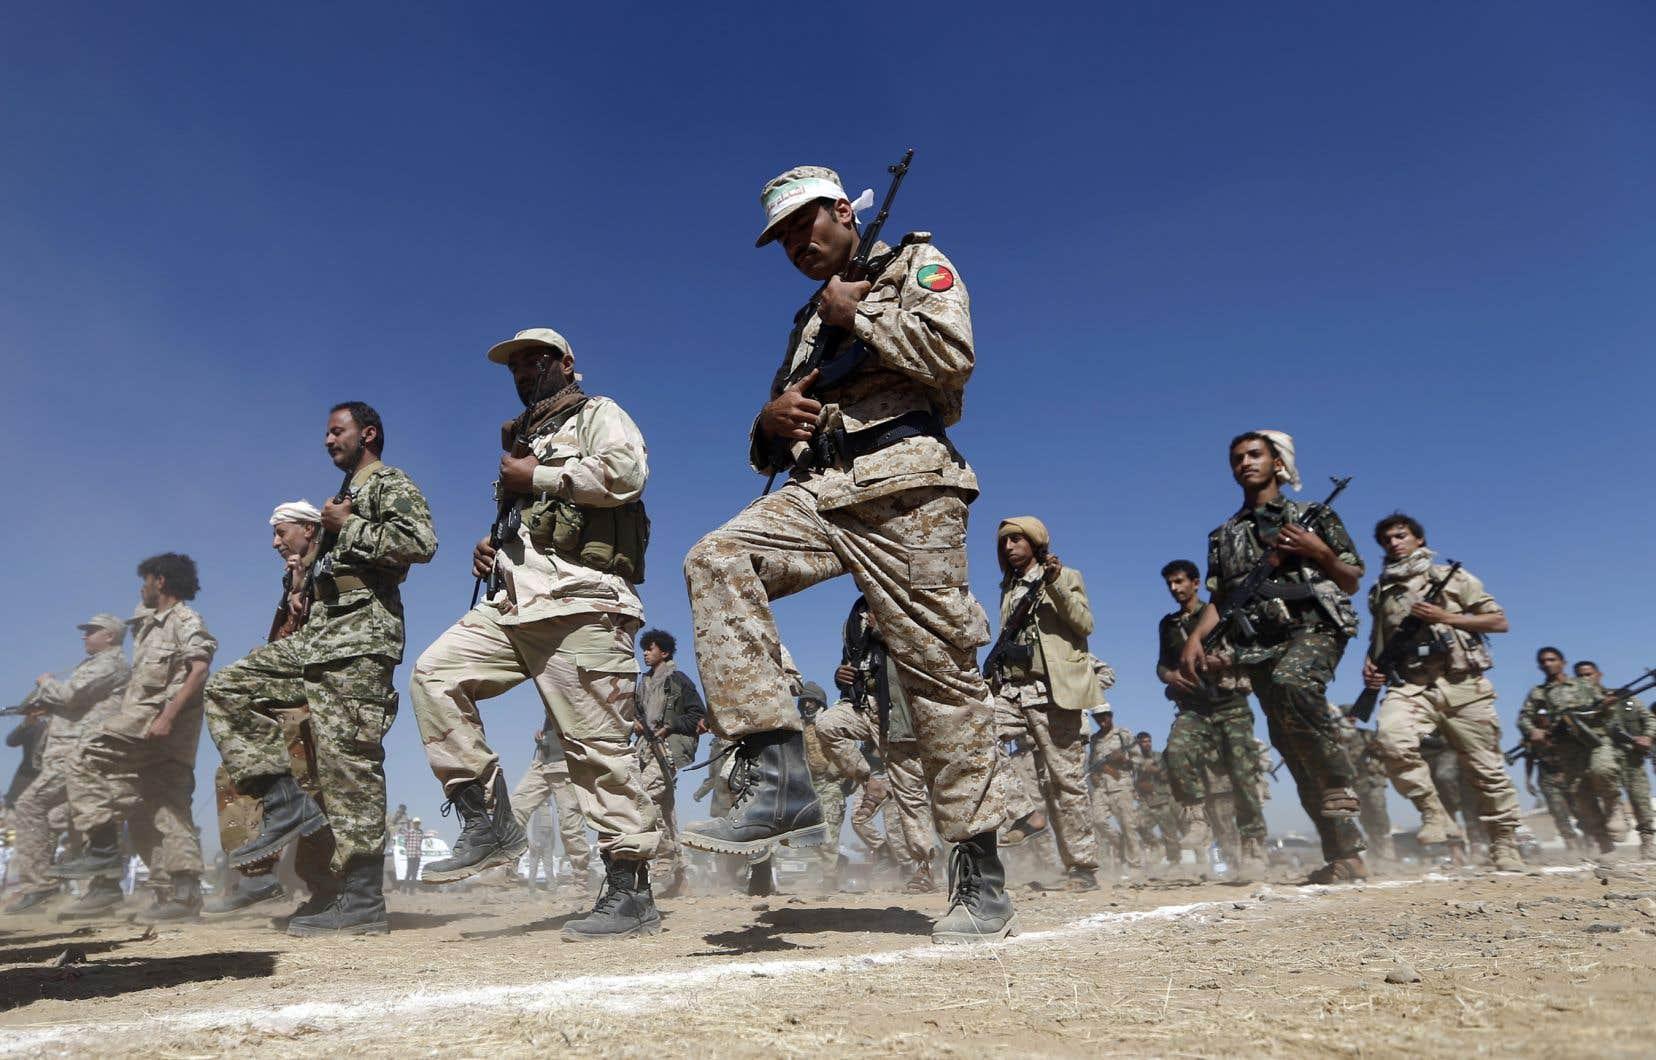 Les Houthis sont appuyés politiquement par l'Iran, ennemi des États-Unis et rival régional de l'Arabie saoudite.